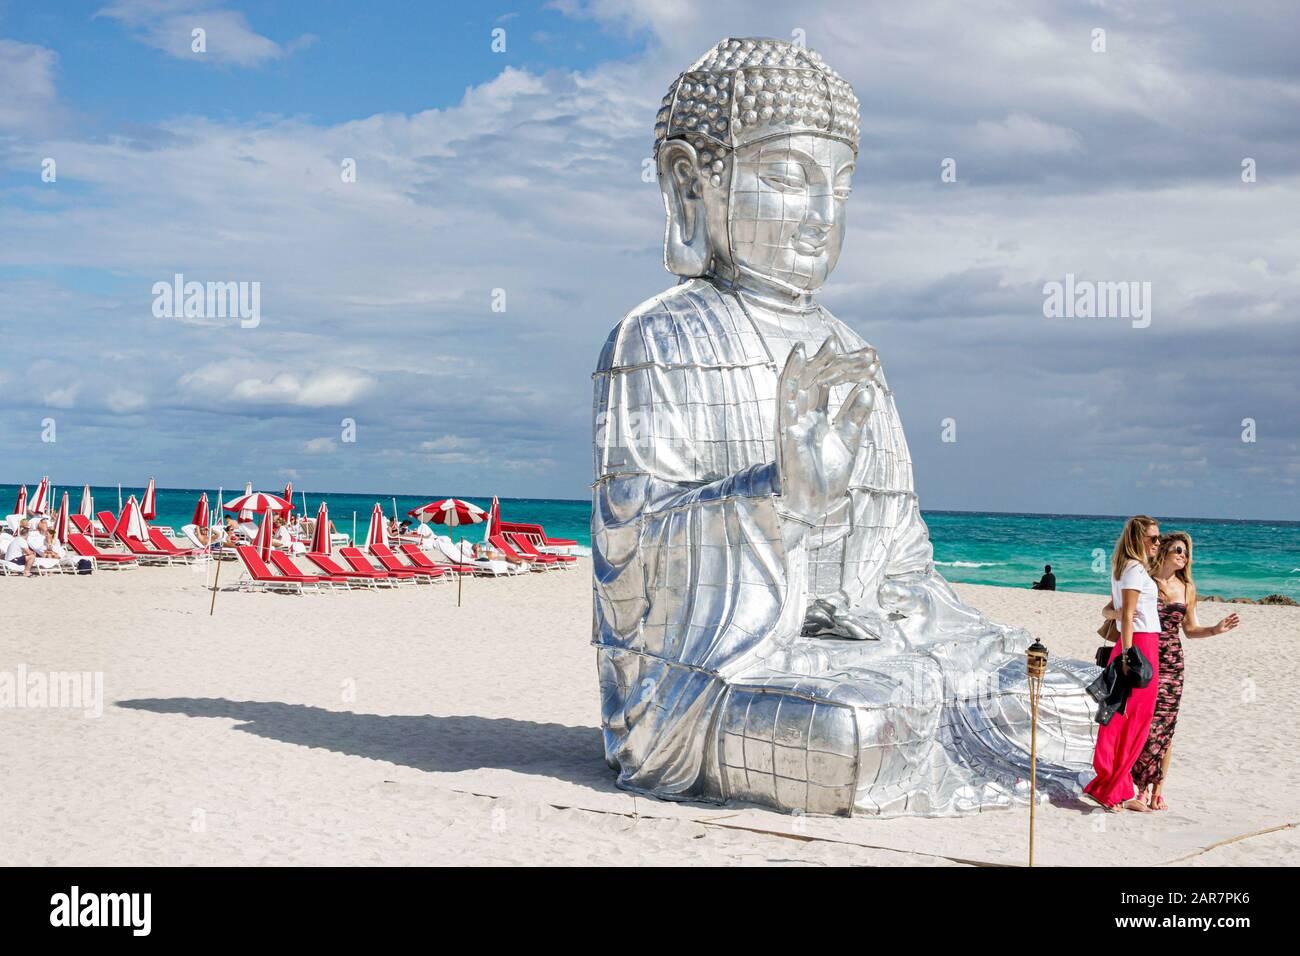 Florida Miami Beach Atlantic Ocean Art Basel Week Distrito de Faena Barrio cultural Buda monumental escultura artista chino Zhang Huan mujer pos Foto de stock